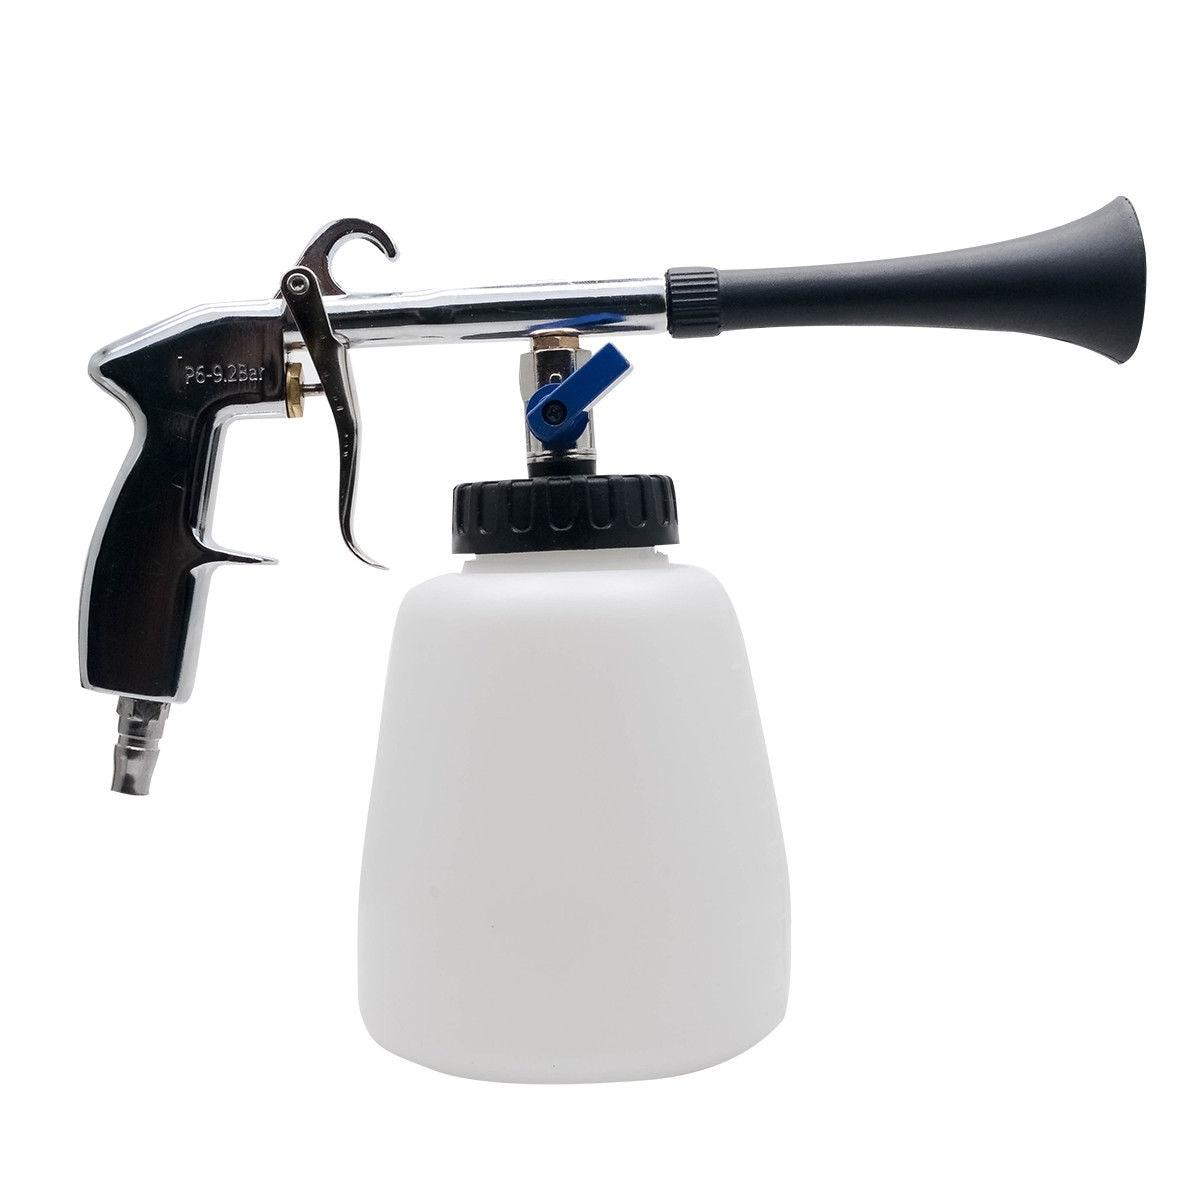 Arma Arma De Limpeza de Alta Pressão